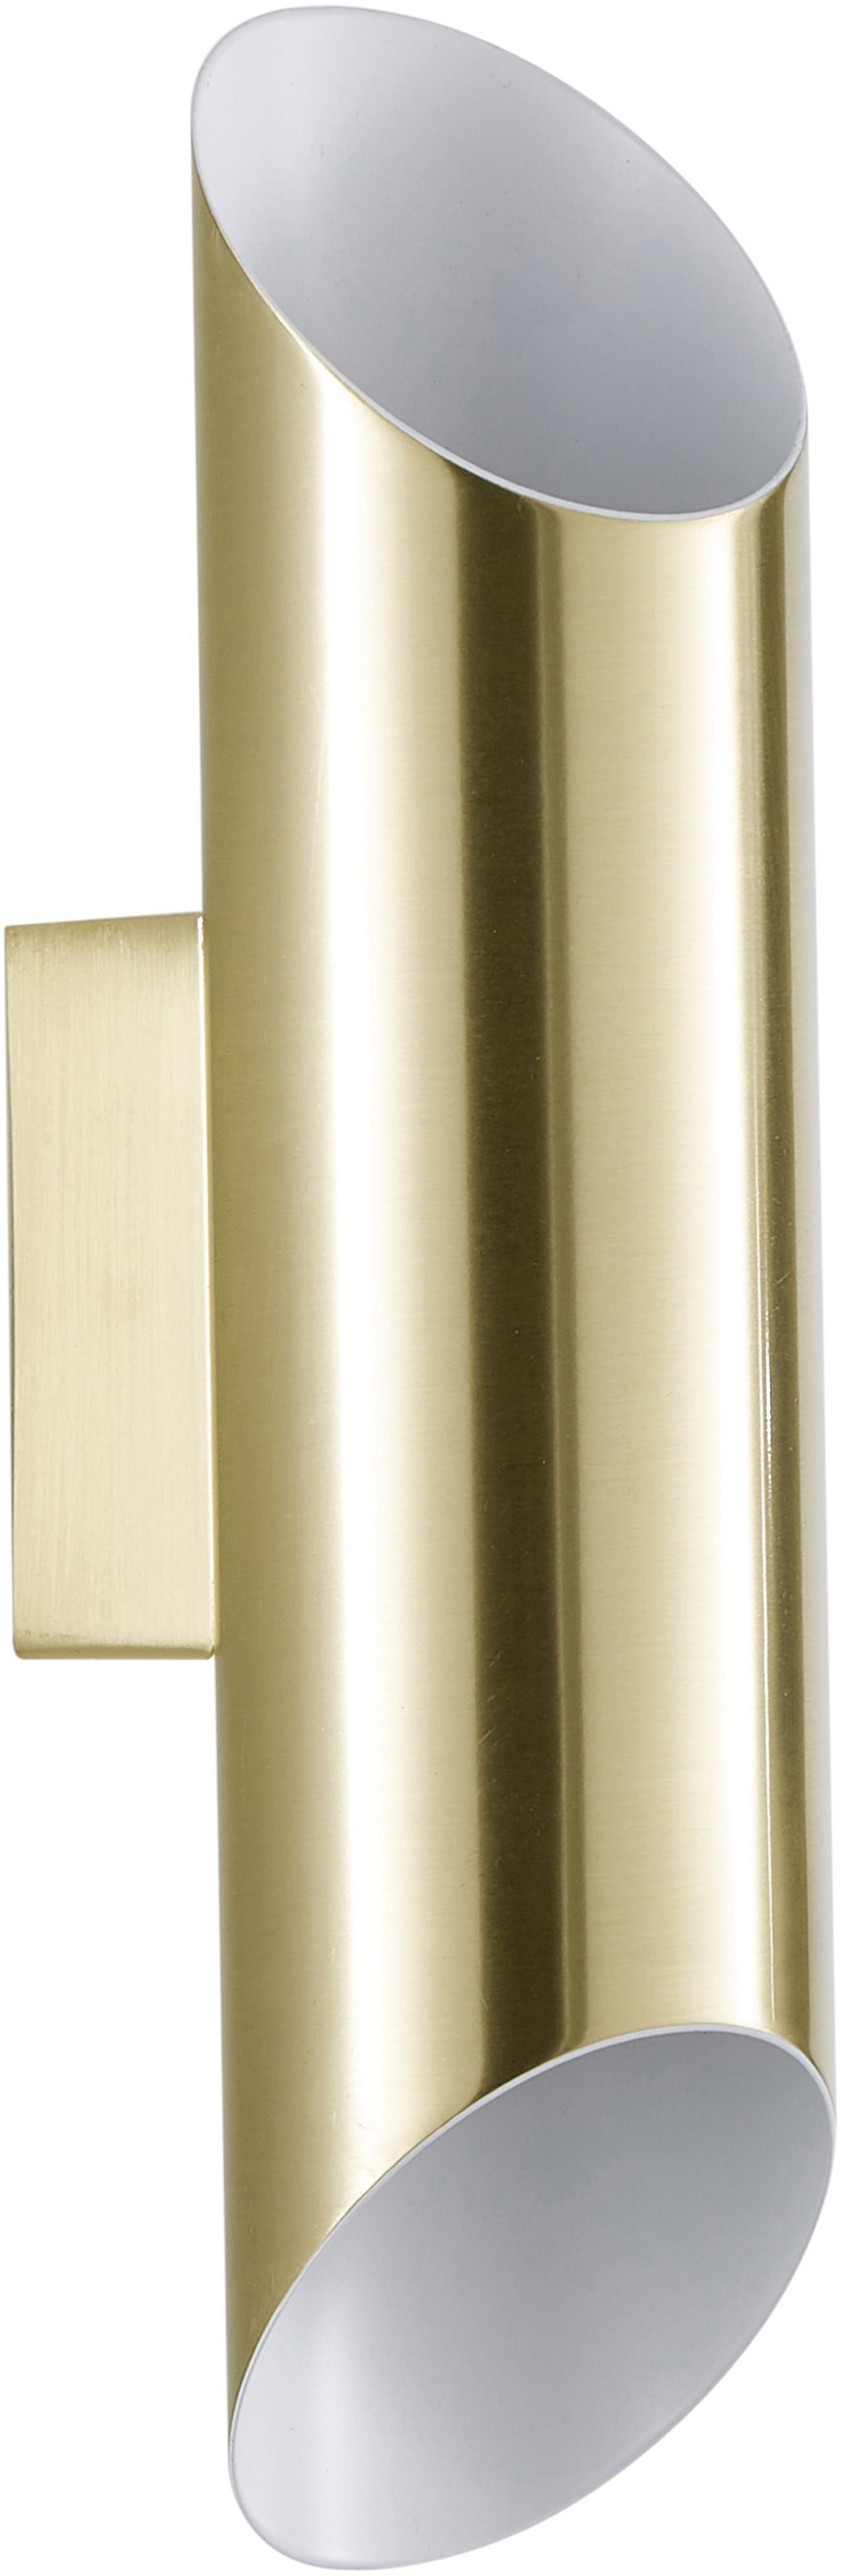 Applique en métal doré Renee, Couleur dorée, mat